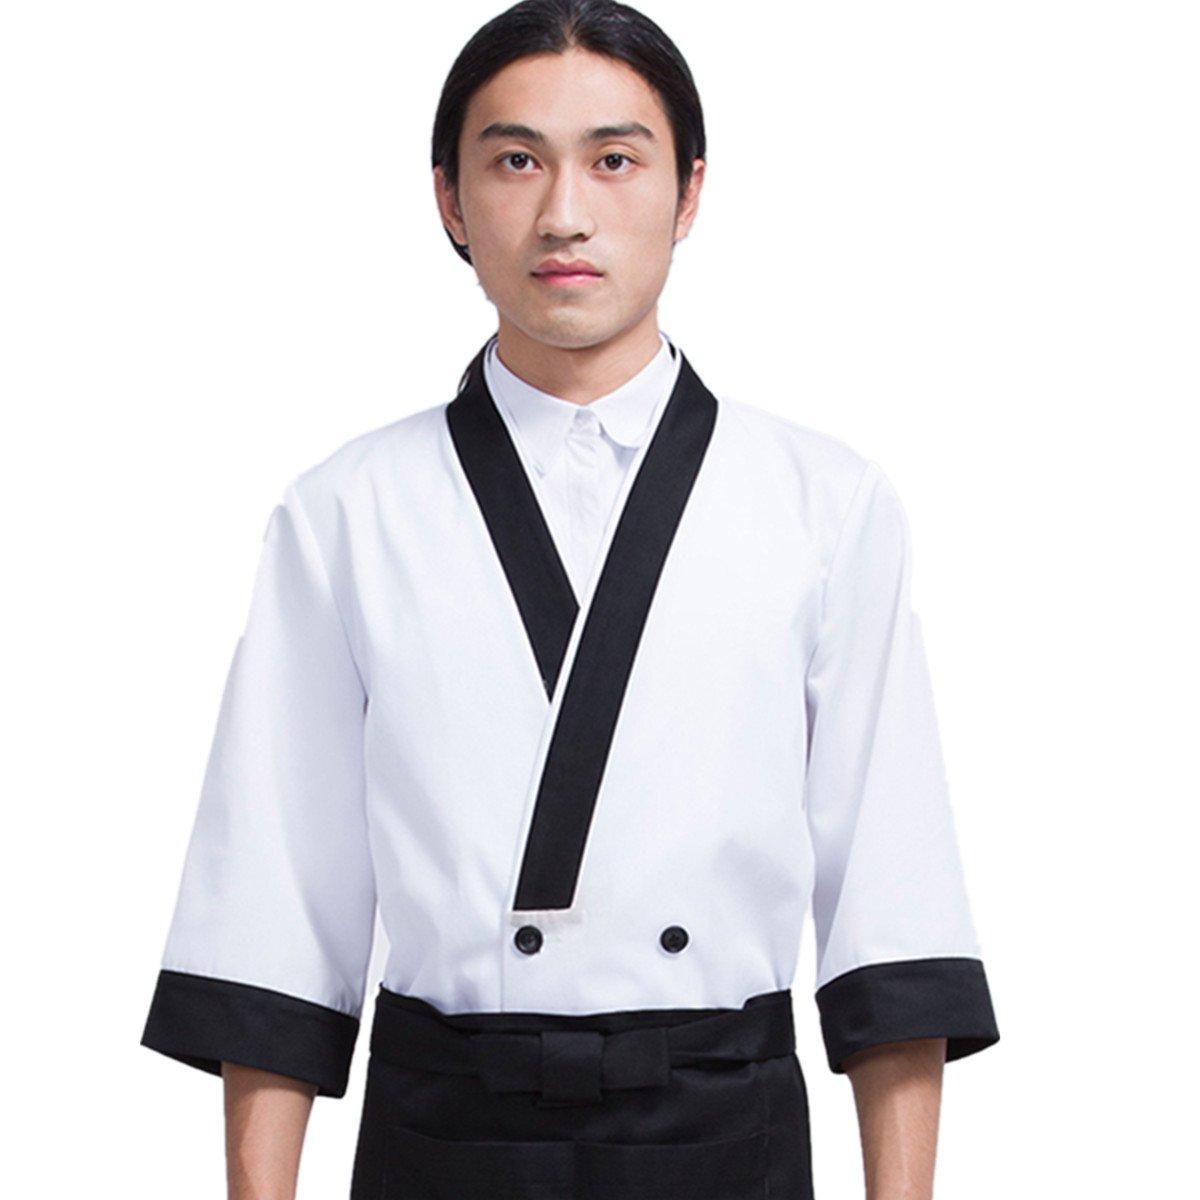 XINFU Sushi Chef Uniform White Simple 3/4 Long Sleeve Restaurant Japanese Kimono Kitchen Work Coat